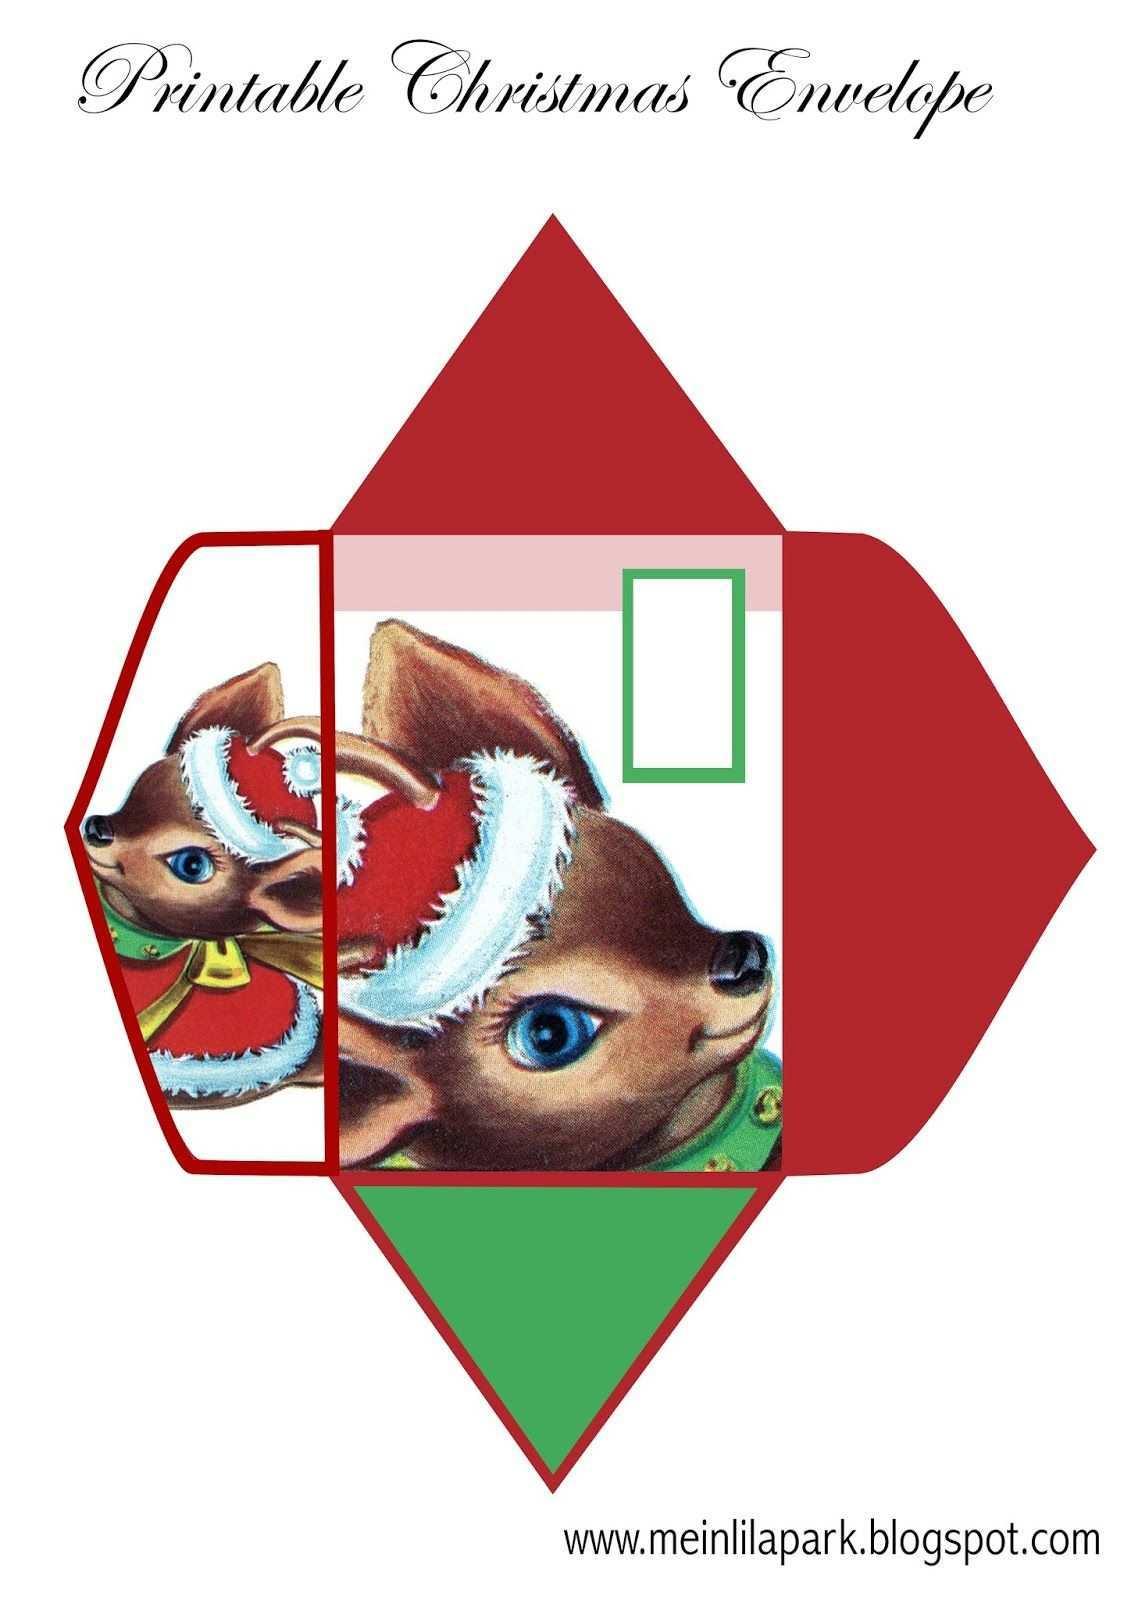 Free Printable Xmas Envelope For Kids Ausdruckbarer Briefumschlag Freebie Weihnachtsdruck Briefumschlag Selbstgemachte Weihnachtskarten